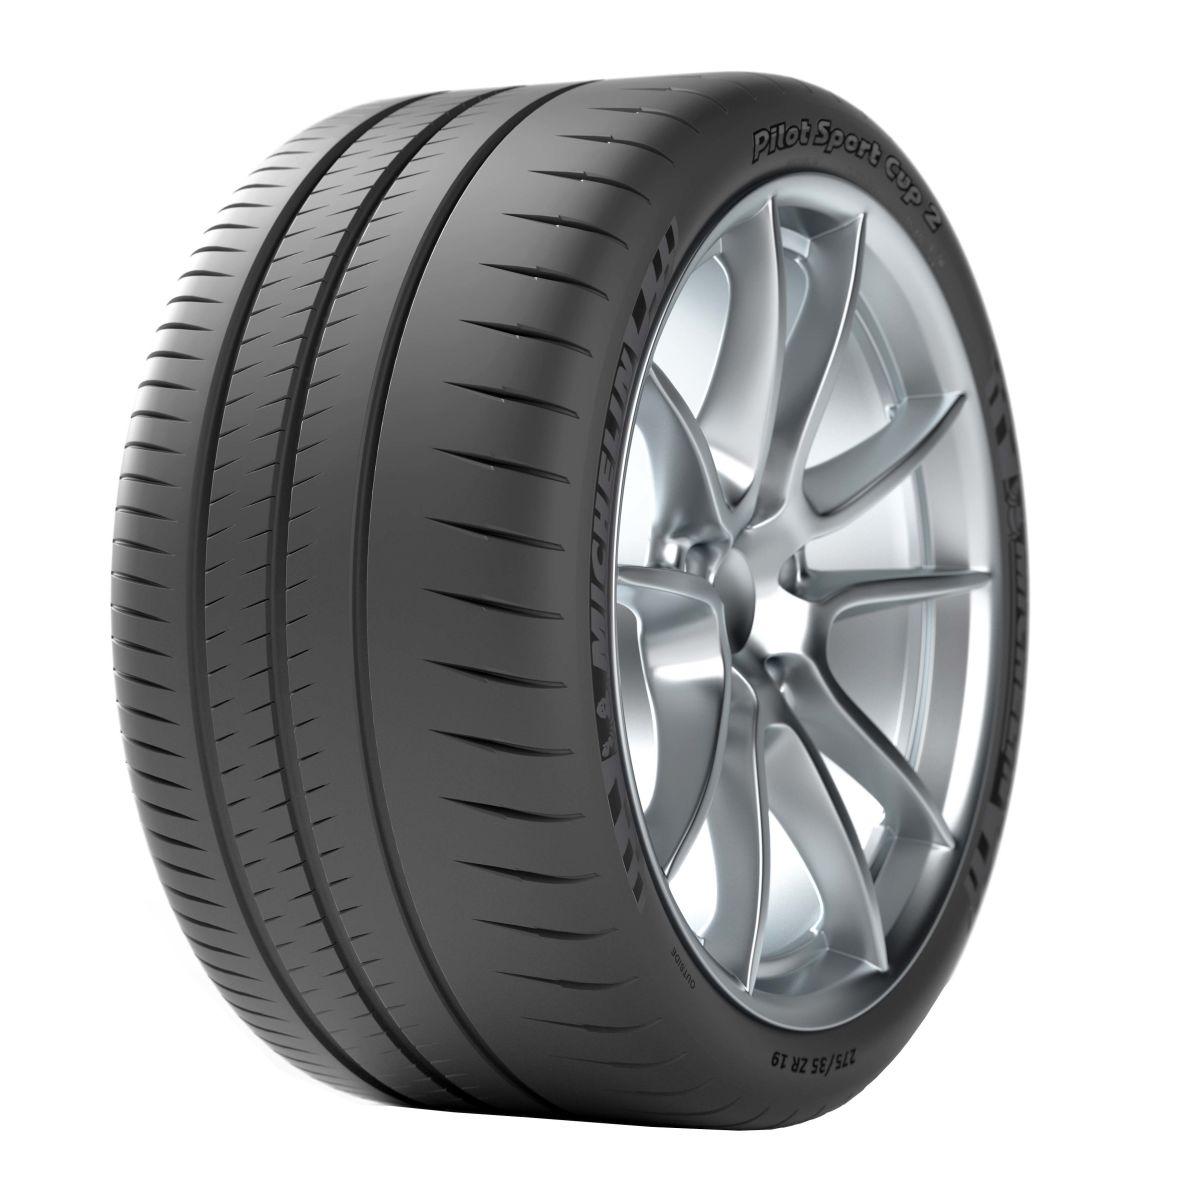 305/30R20 103Y, Michelin, PILOT SPORT CUP 2 R